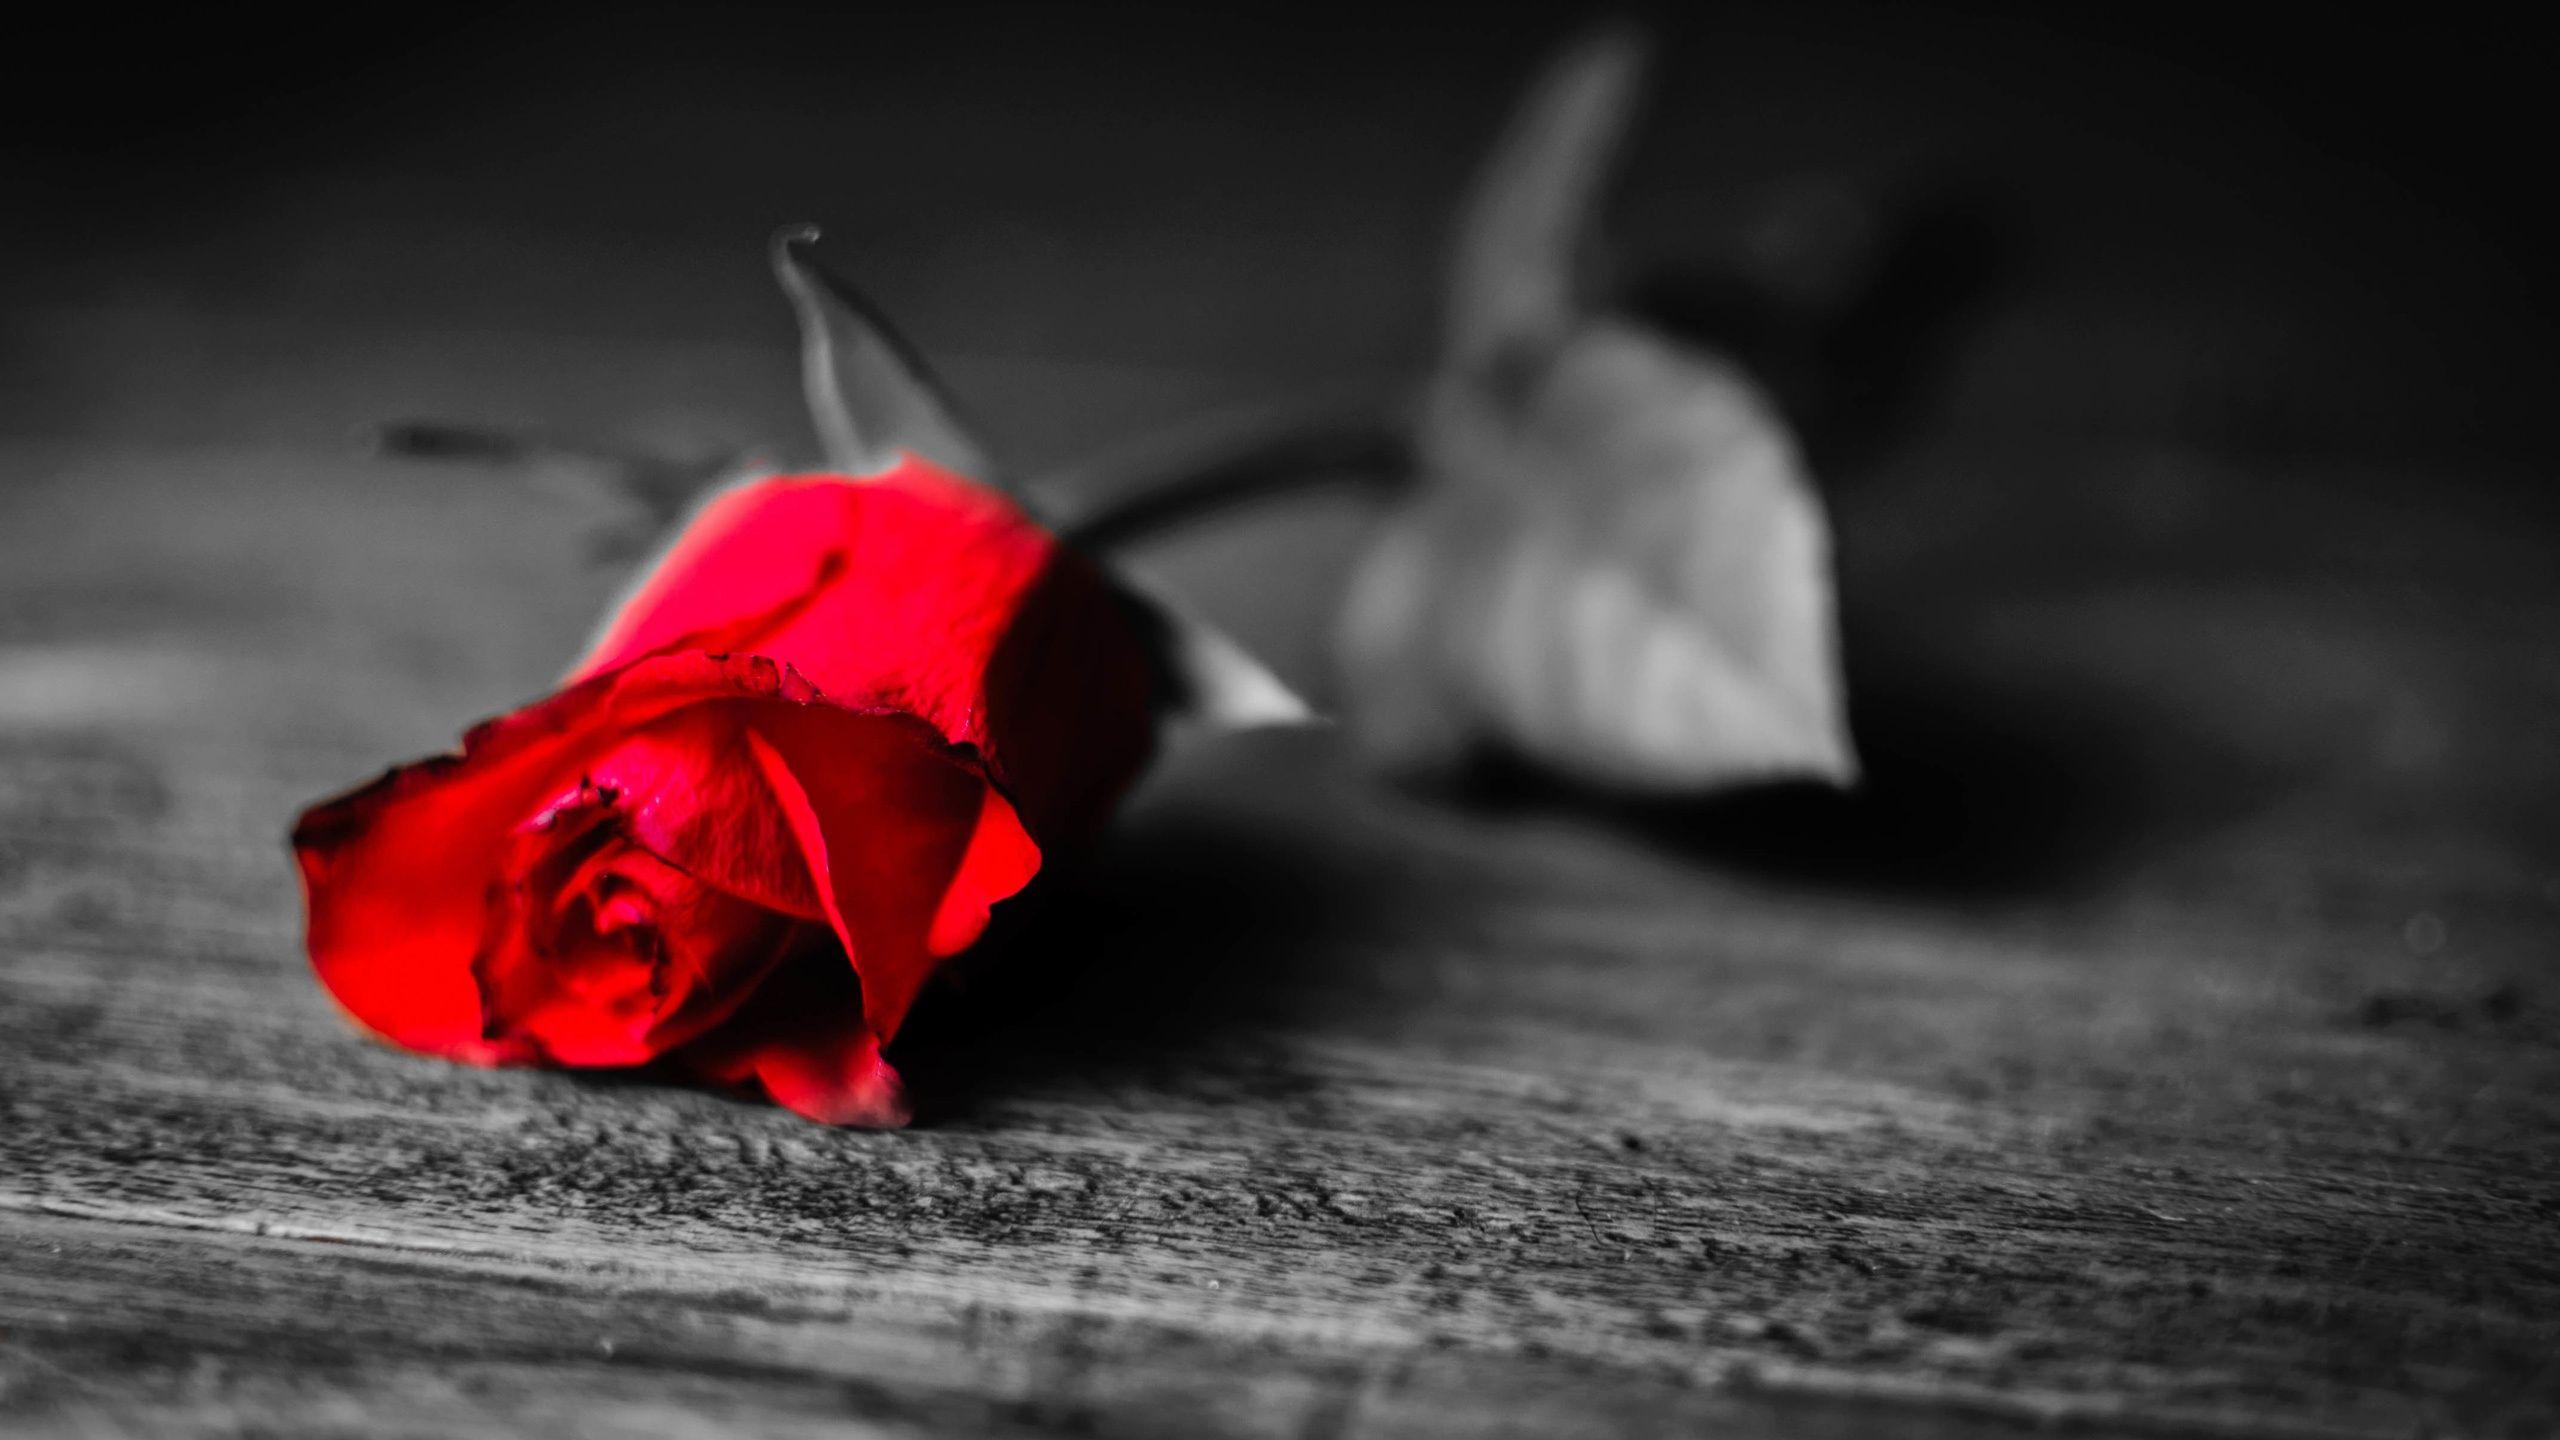 Noir Et Blanc Seulement Rose Fleur Est Rouge Fonds Décran